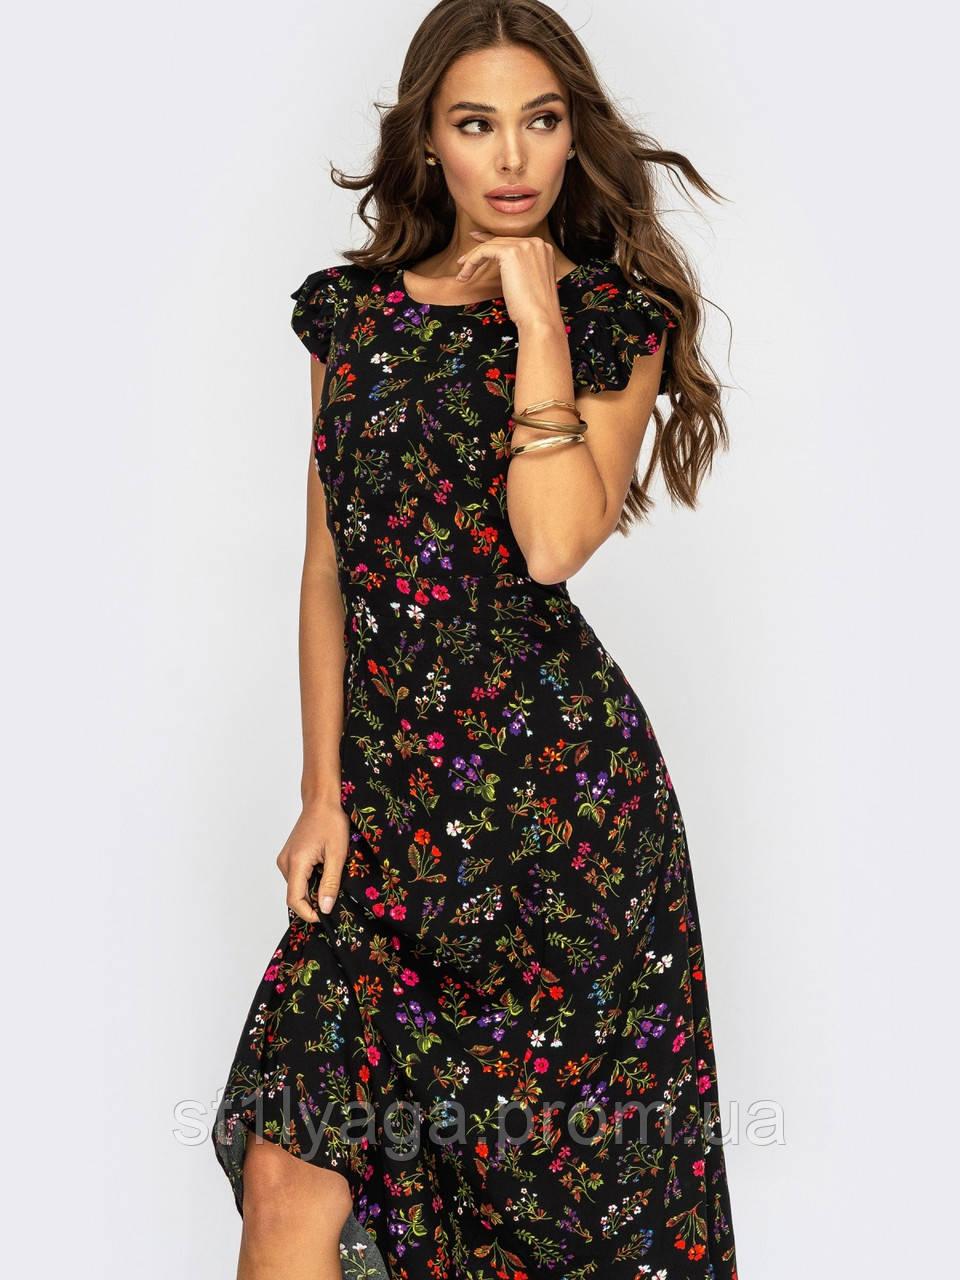 Плаття-міді в квітковому принте з вирізом по спинці ЛІТО